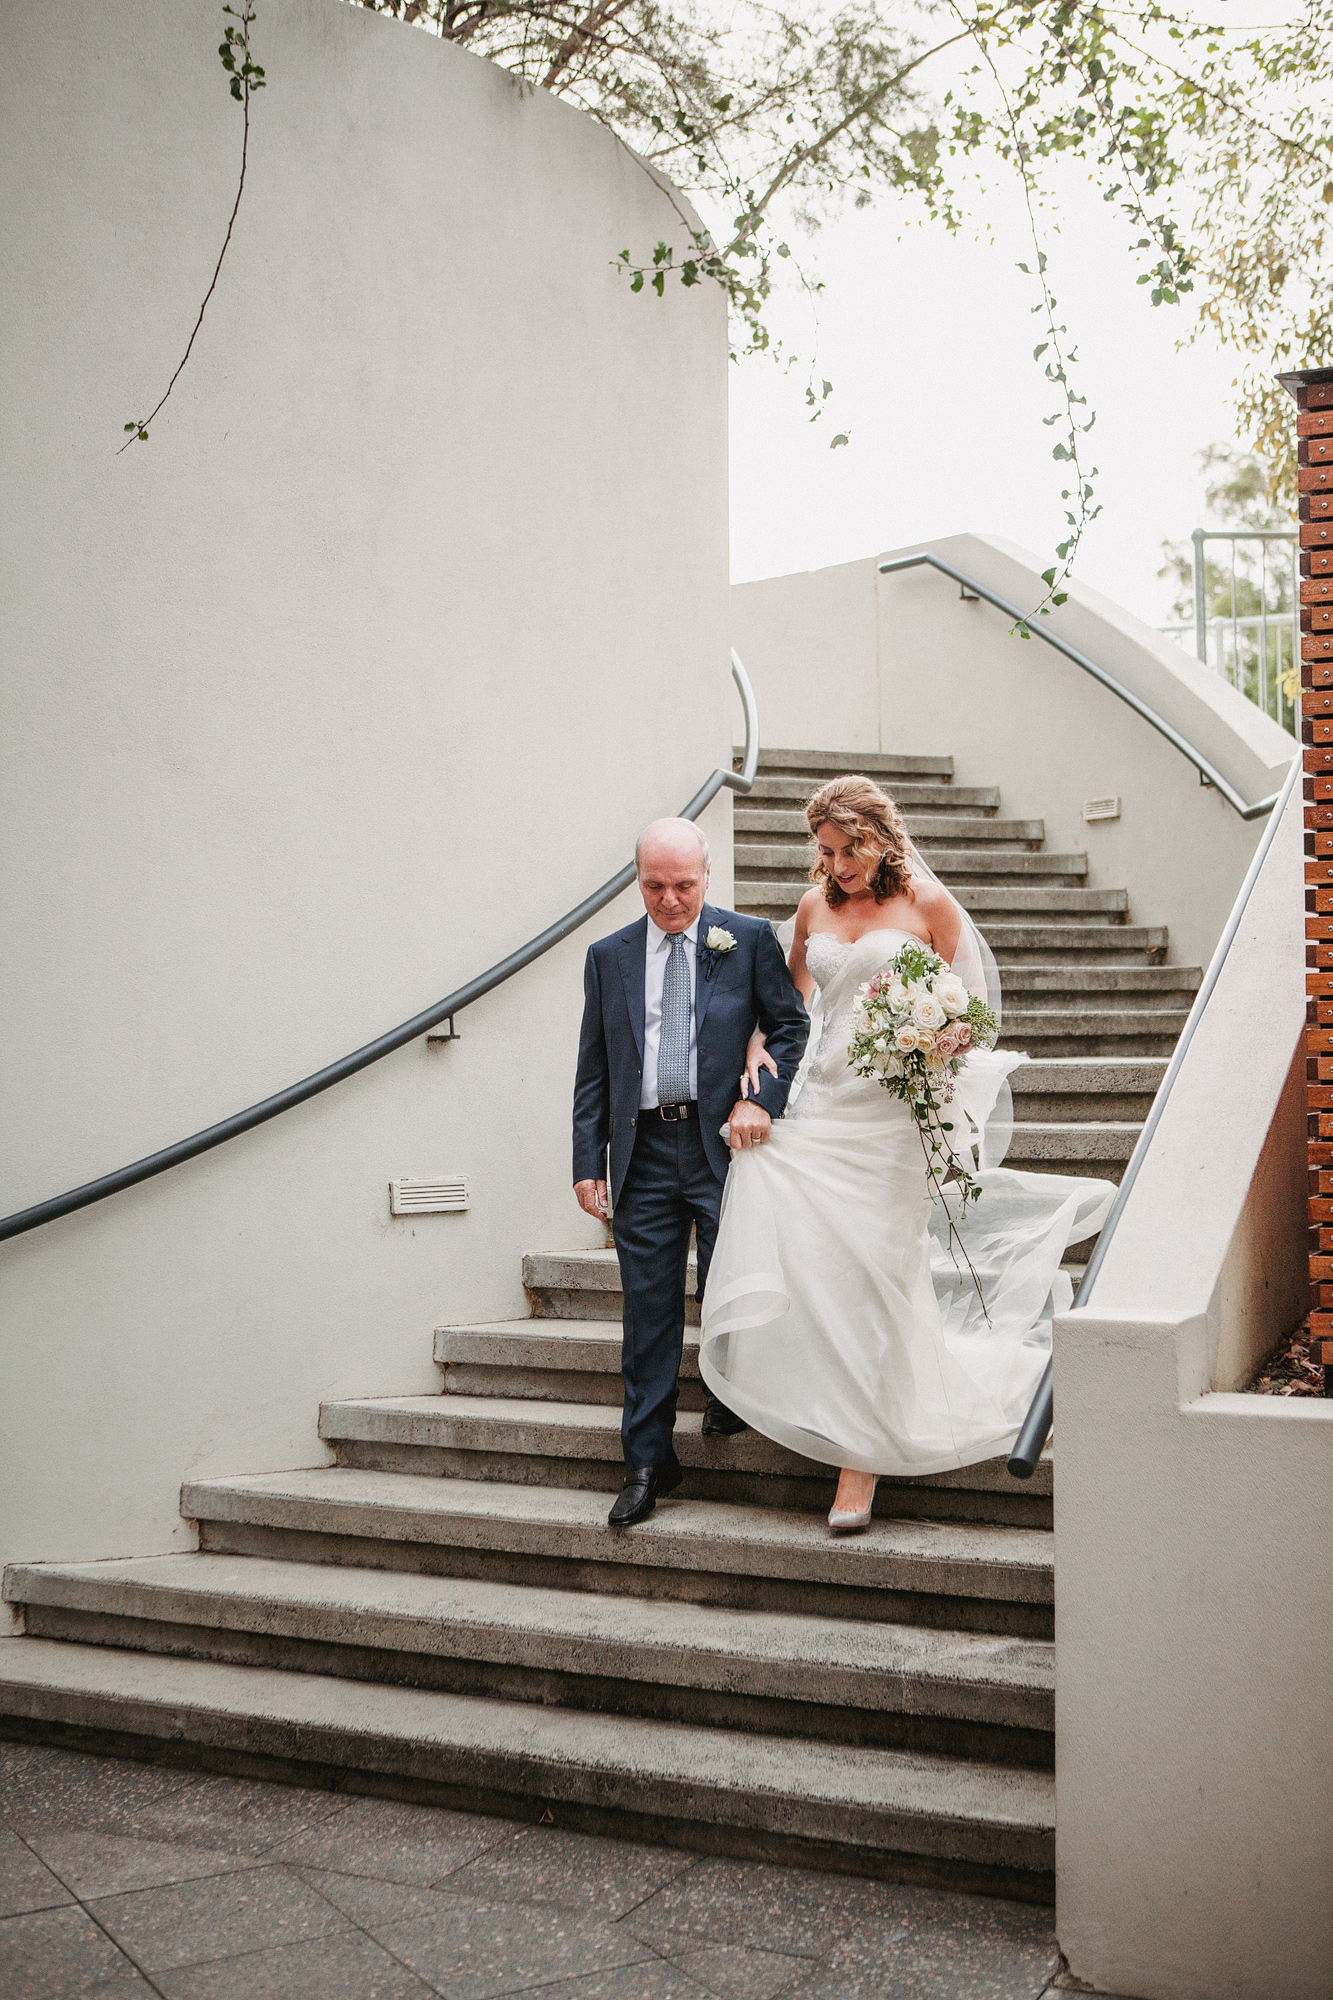 Ceci_New_York_Custom_Invitation_Australia_Perth_Destination_Wedding_Luxury_Personalized_Ceci_Style_Bride_38.jpg